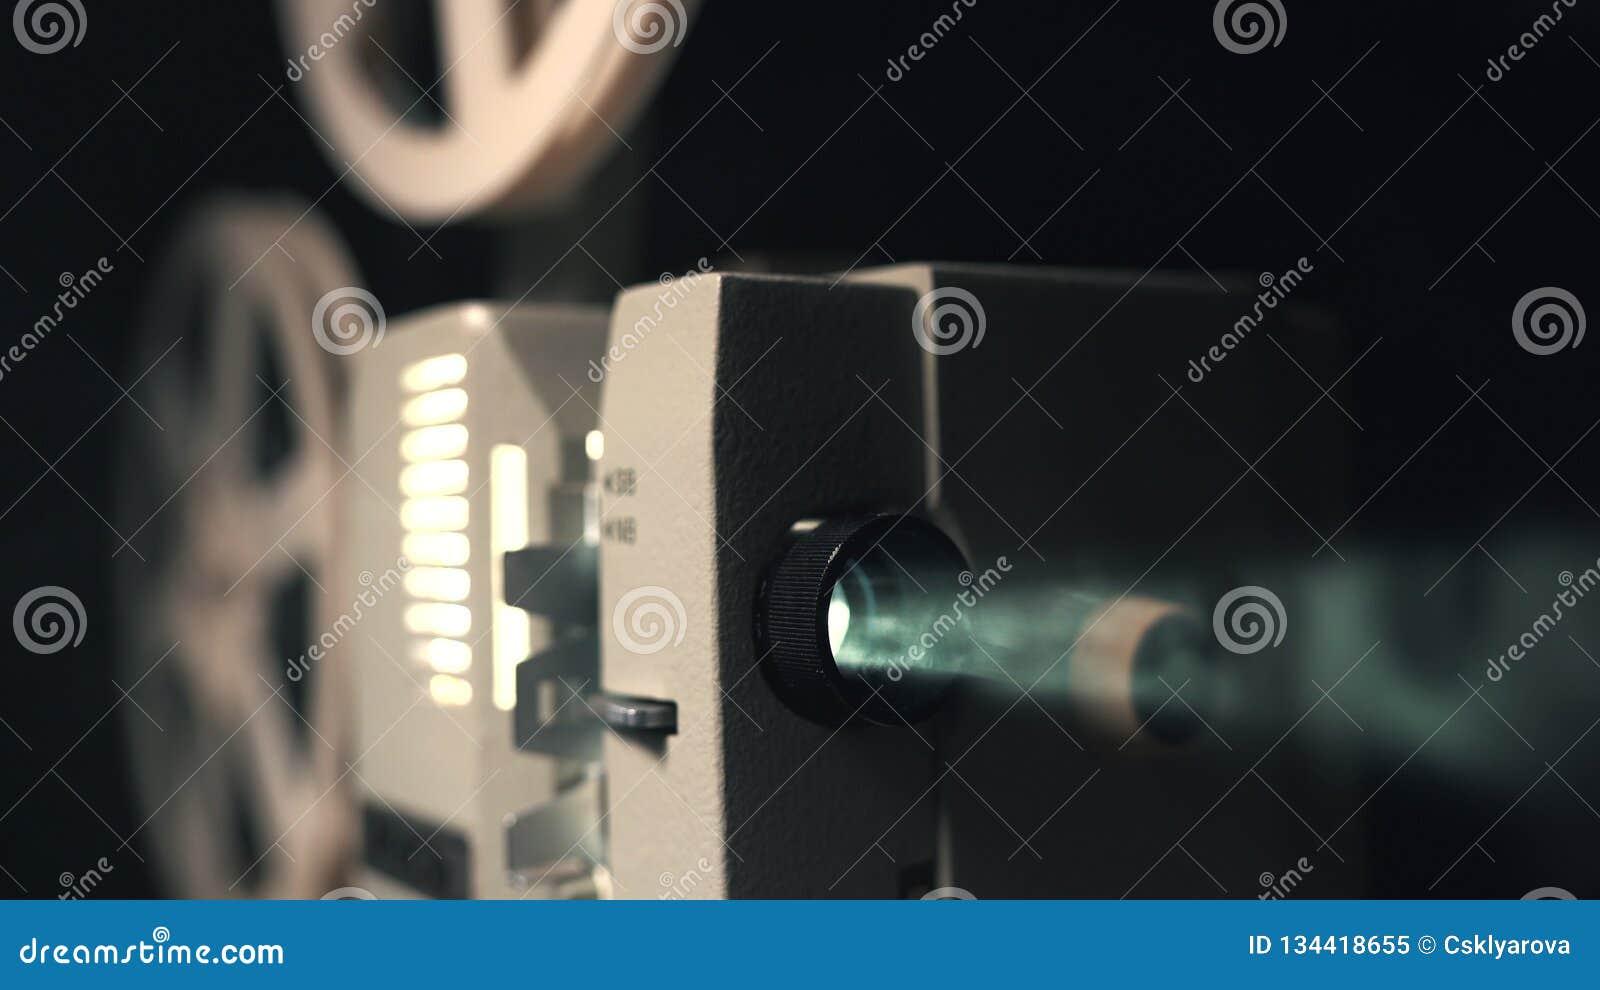 Frontowy widok staromodny antykwarski Super 8mm ekranowy projektor, projektuje promień światło w ciemnym pokoju obok a